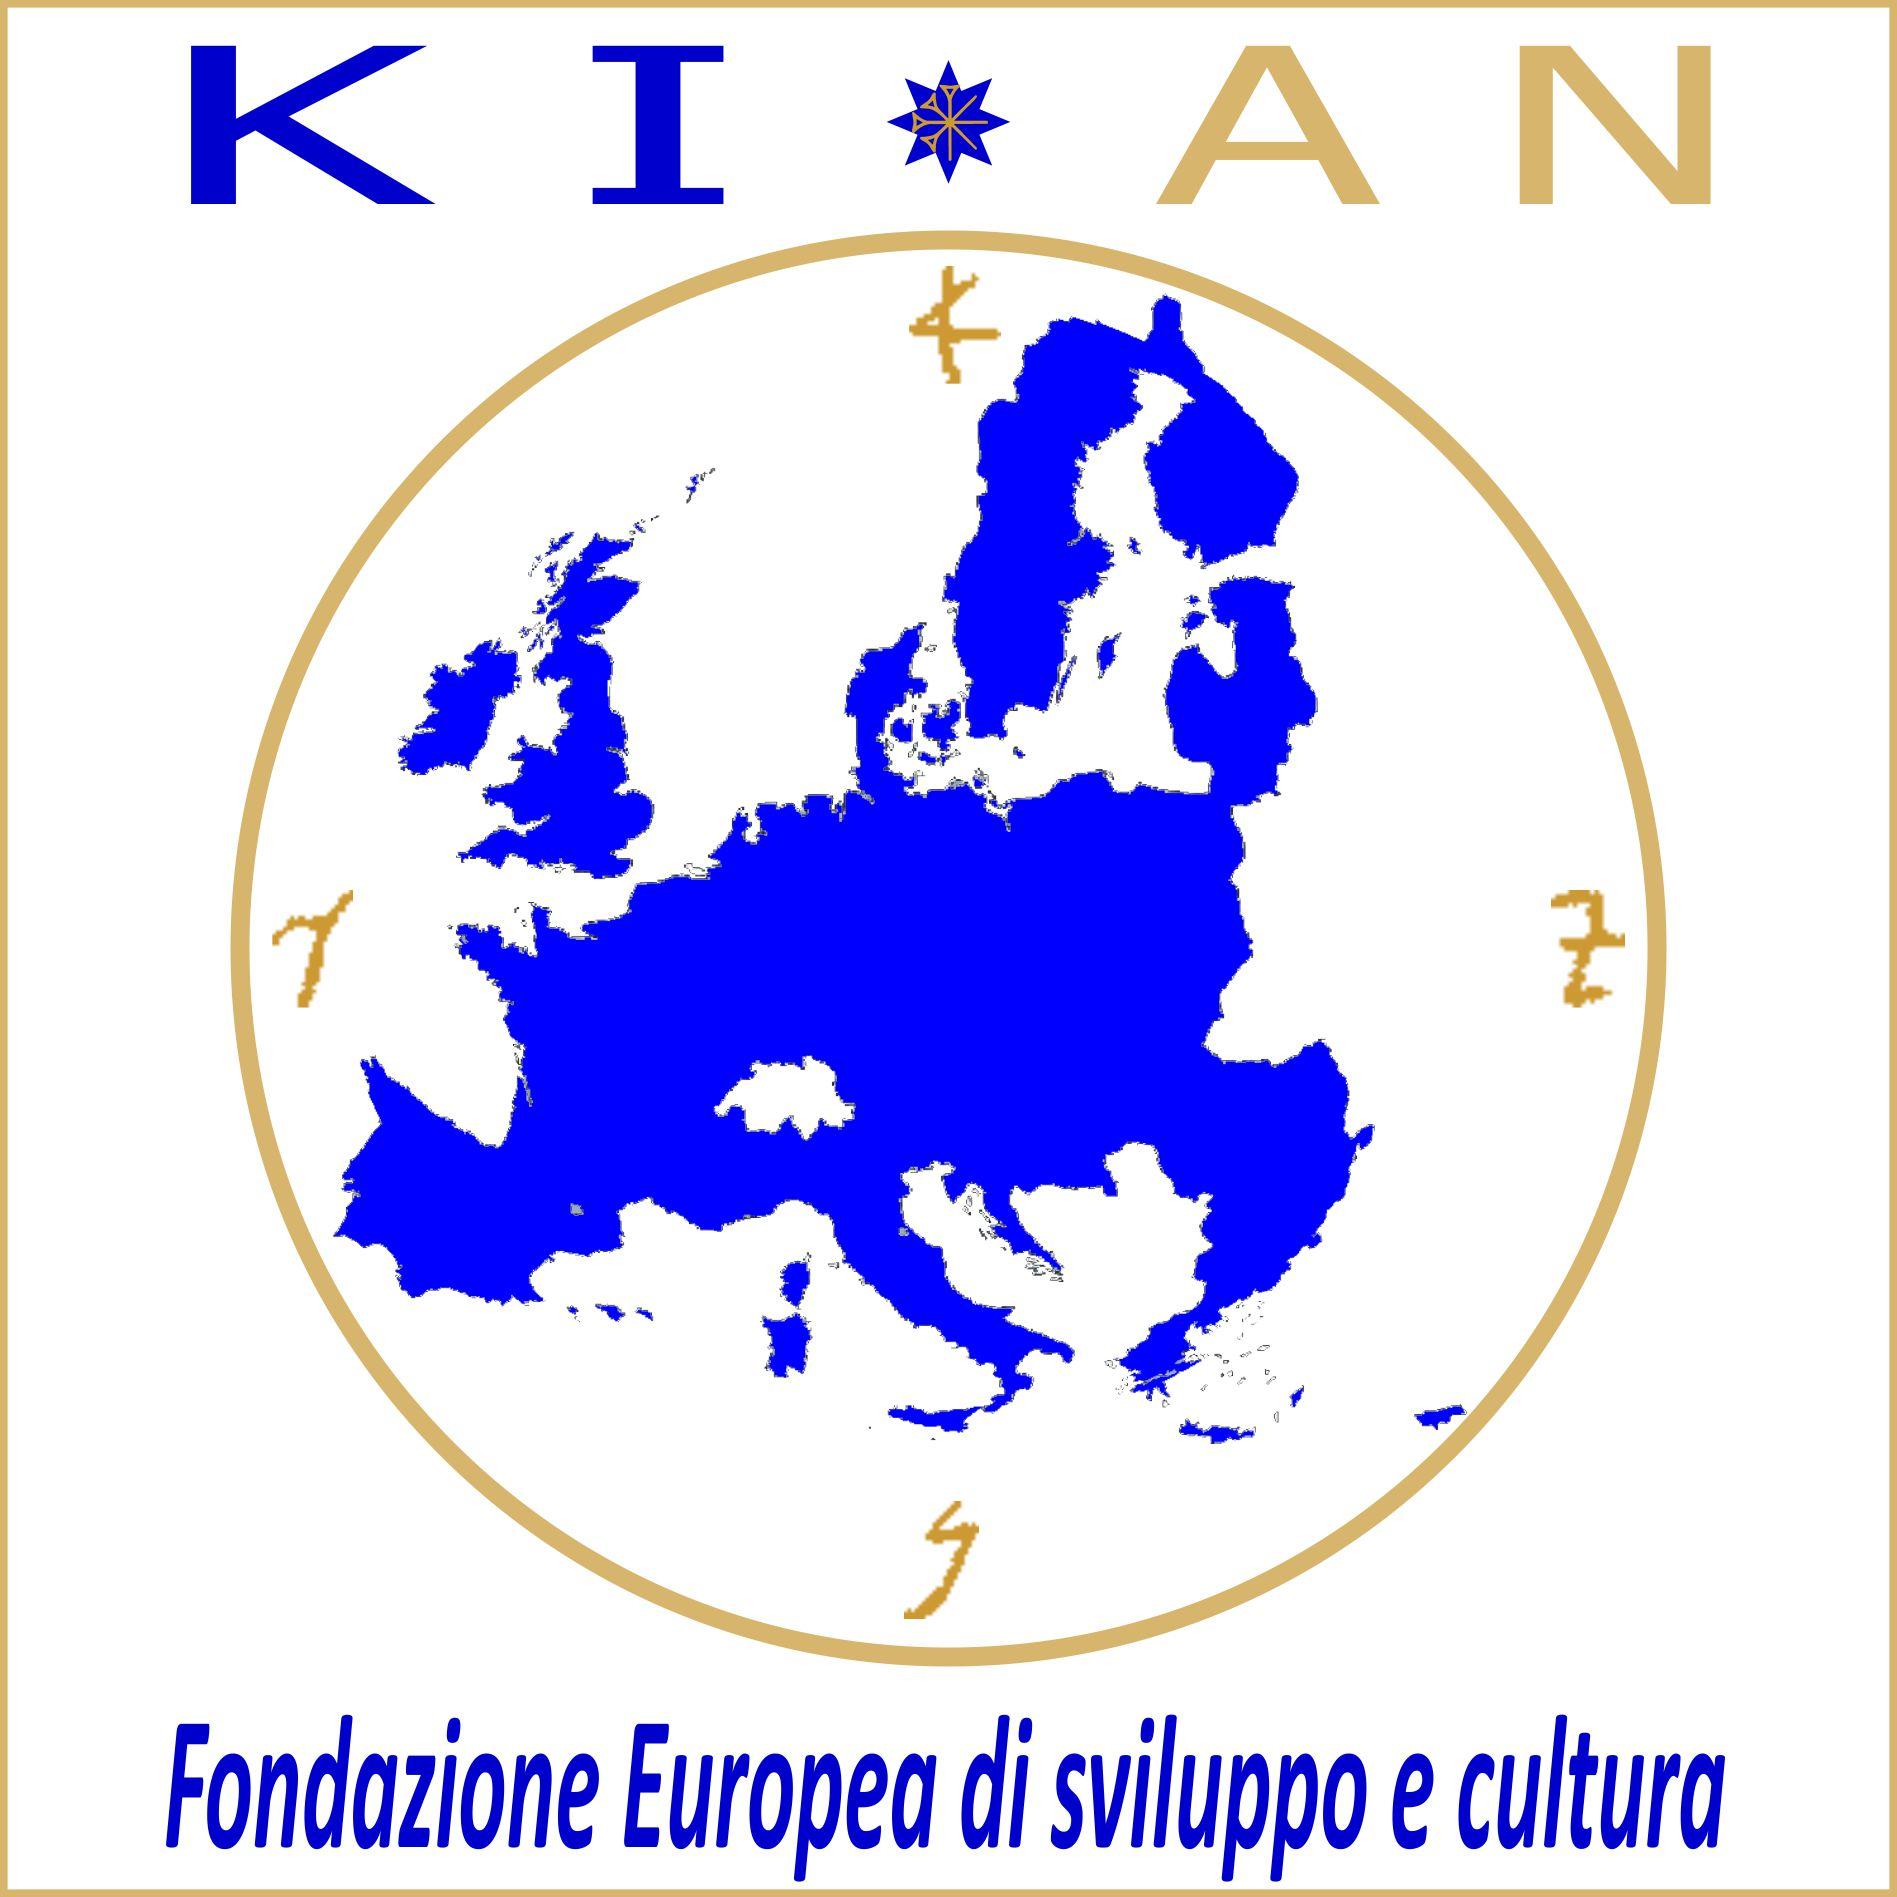 fondazionekian.com